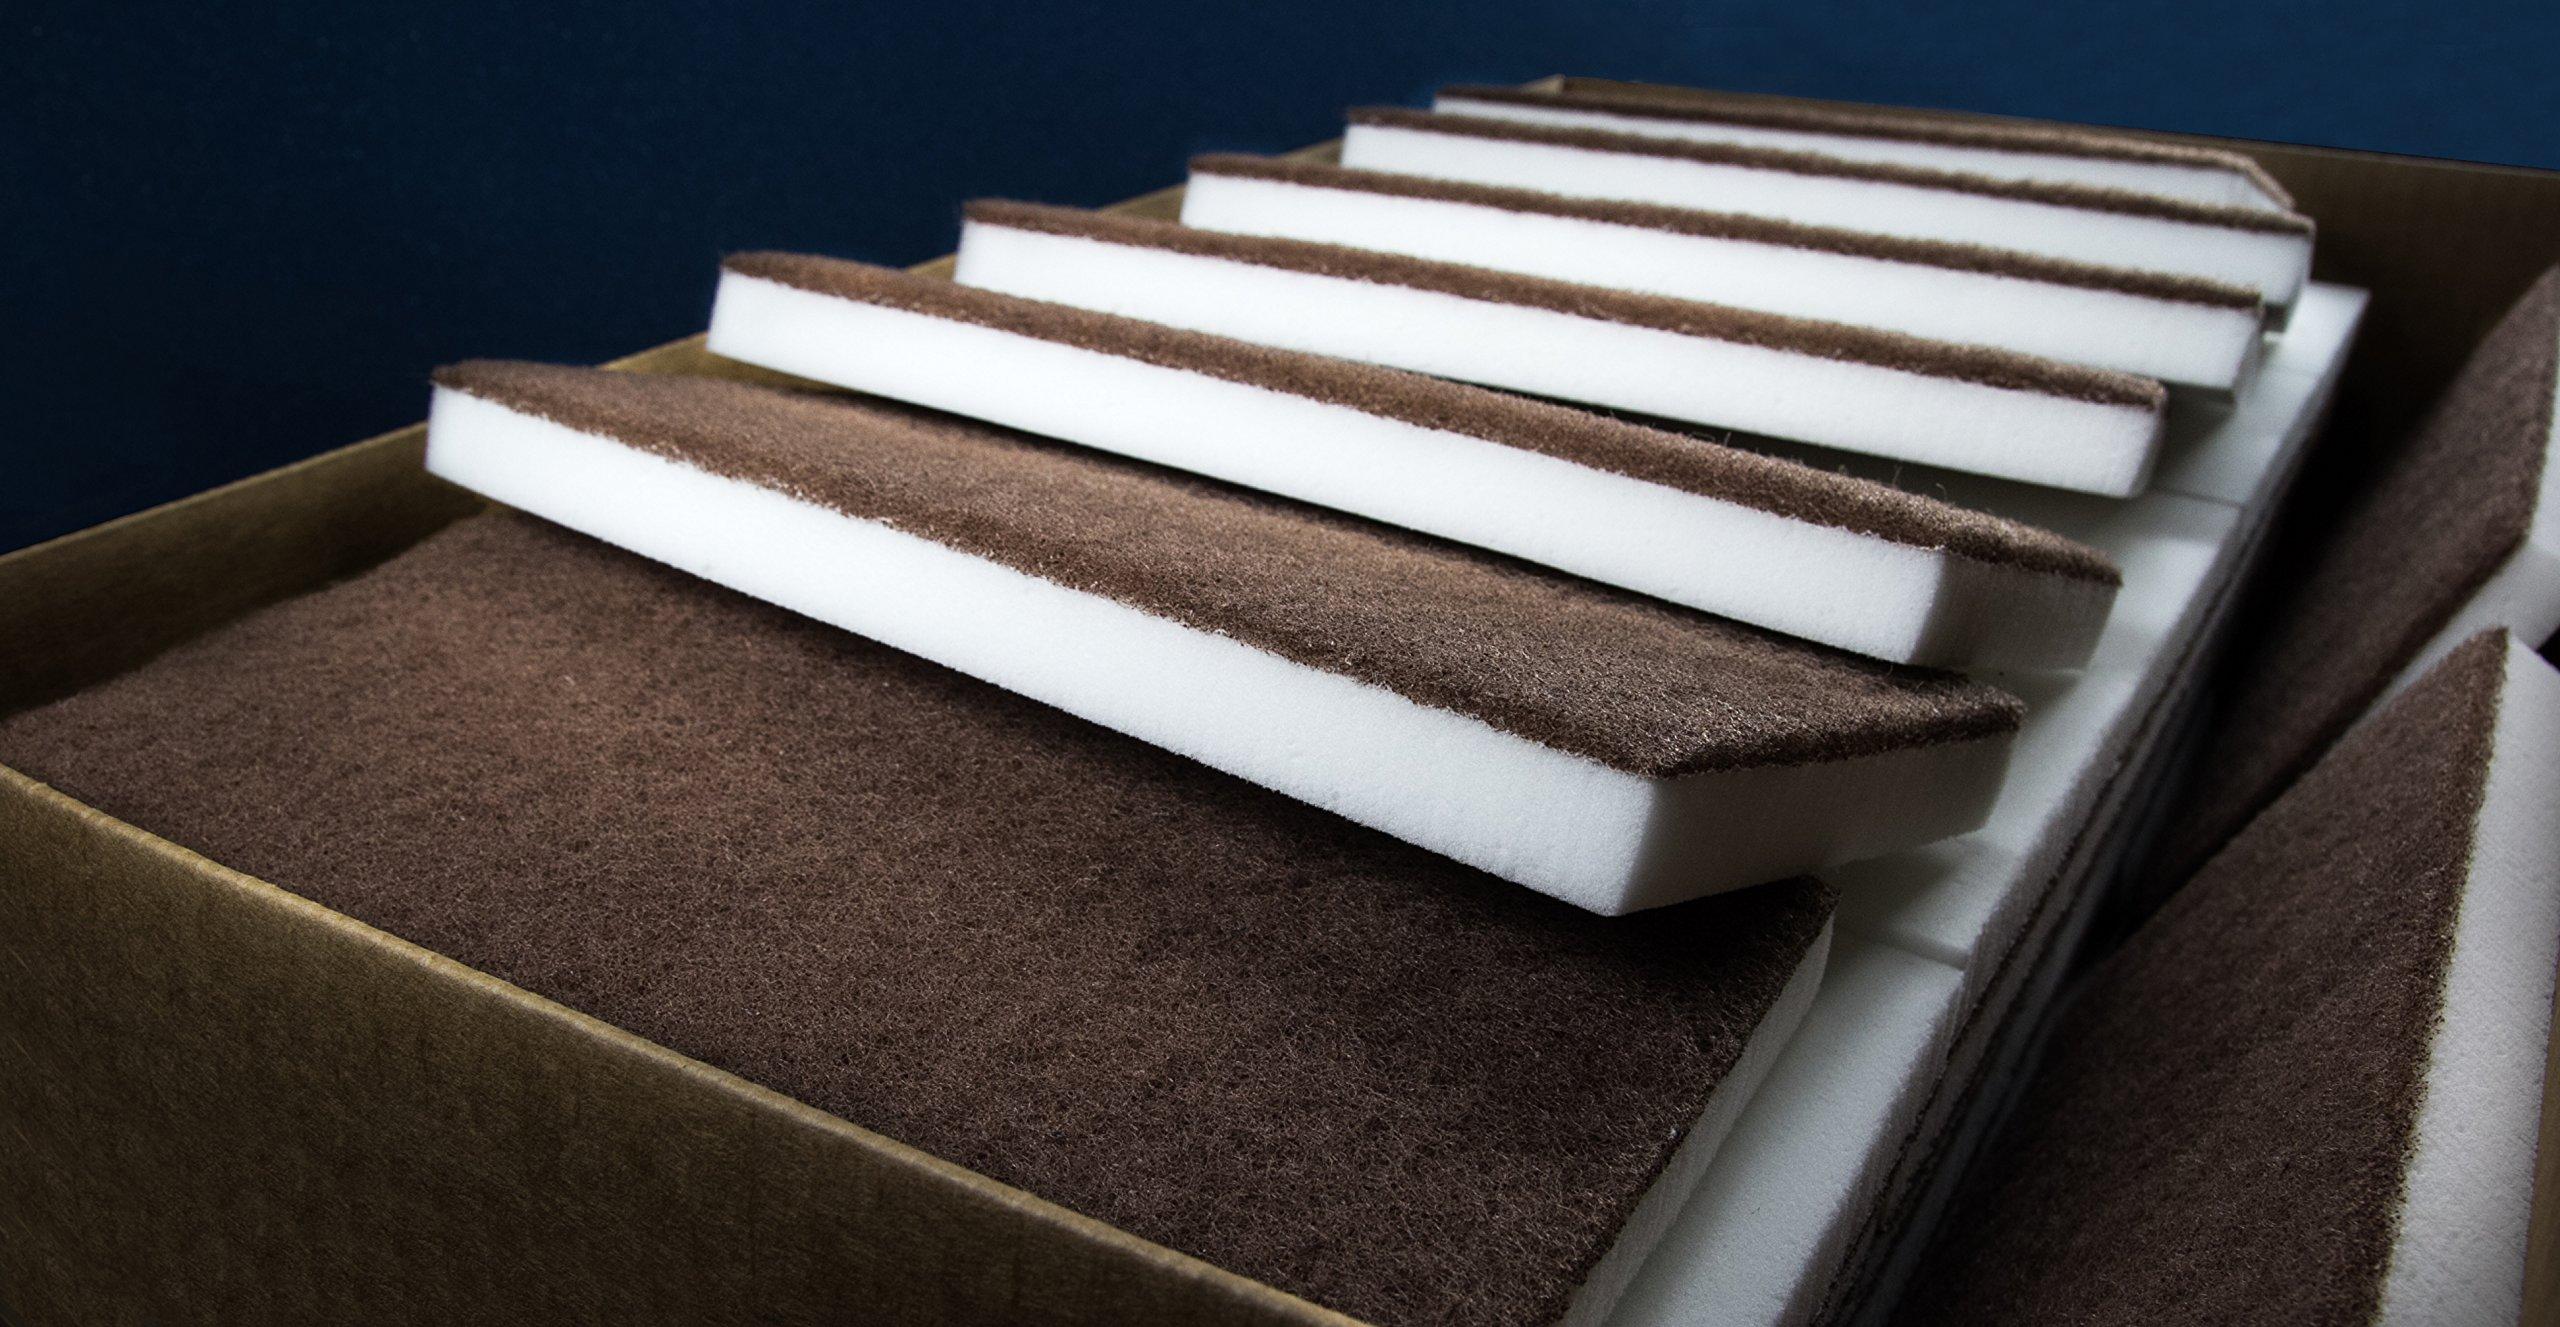 Sponge Outlet 60 Pack of Eraser Mop Floor Cleaning Pads BASF Basotect Foam